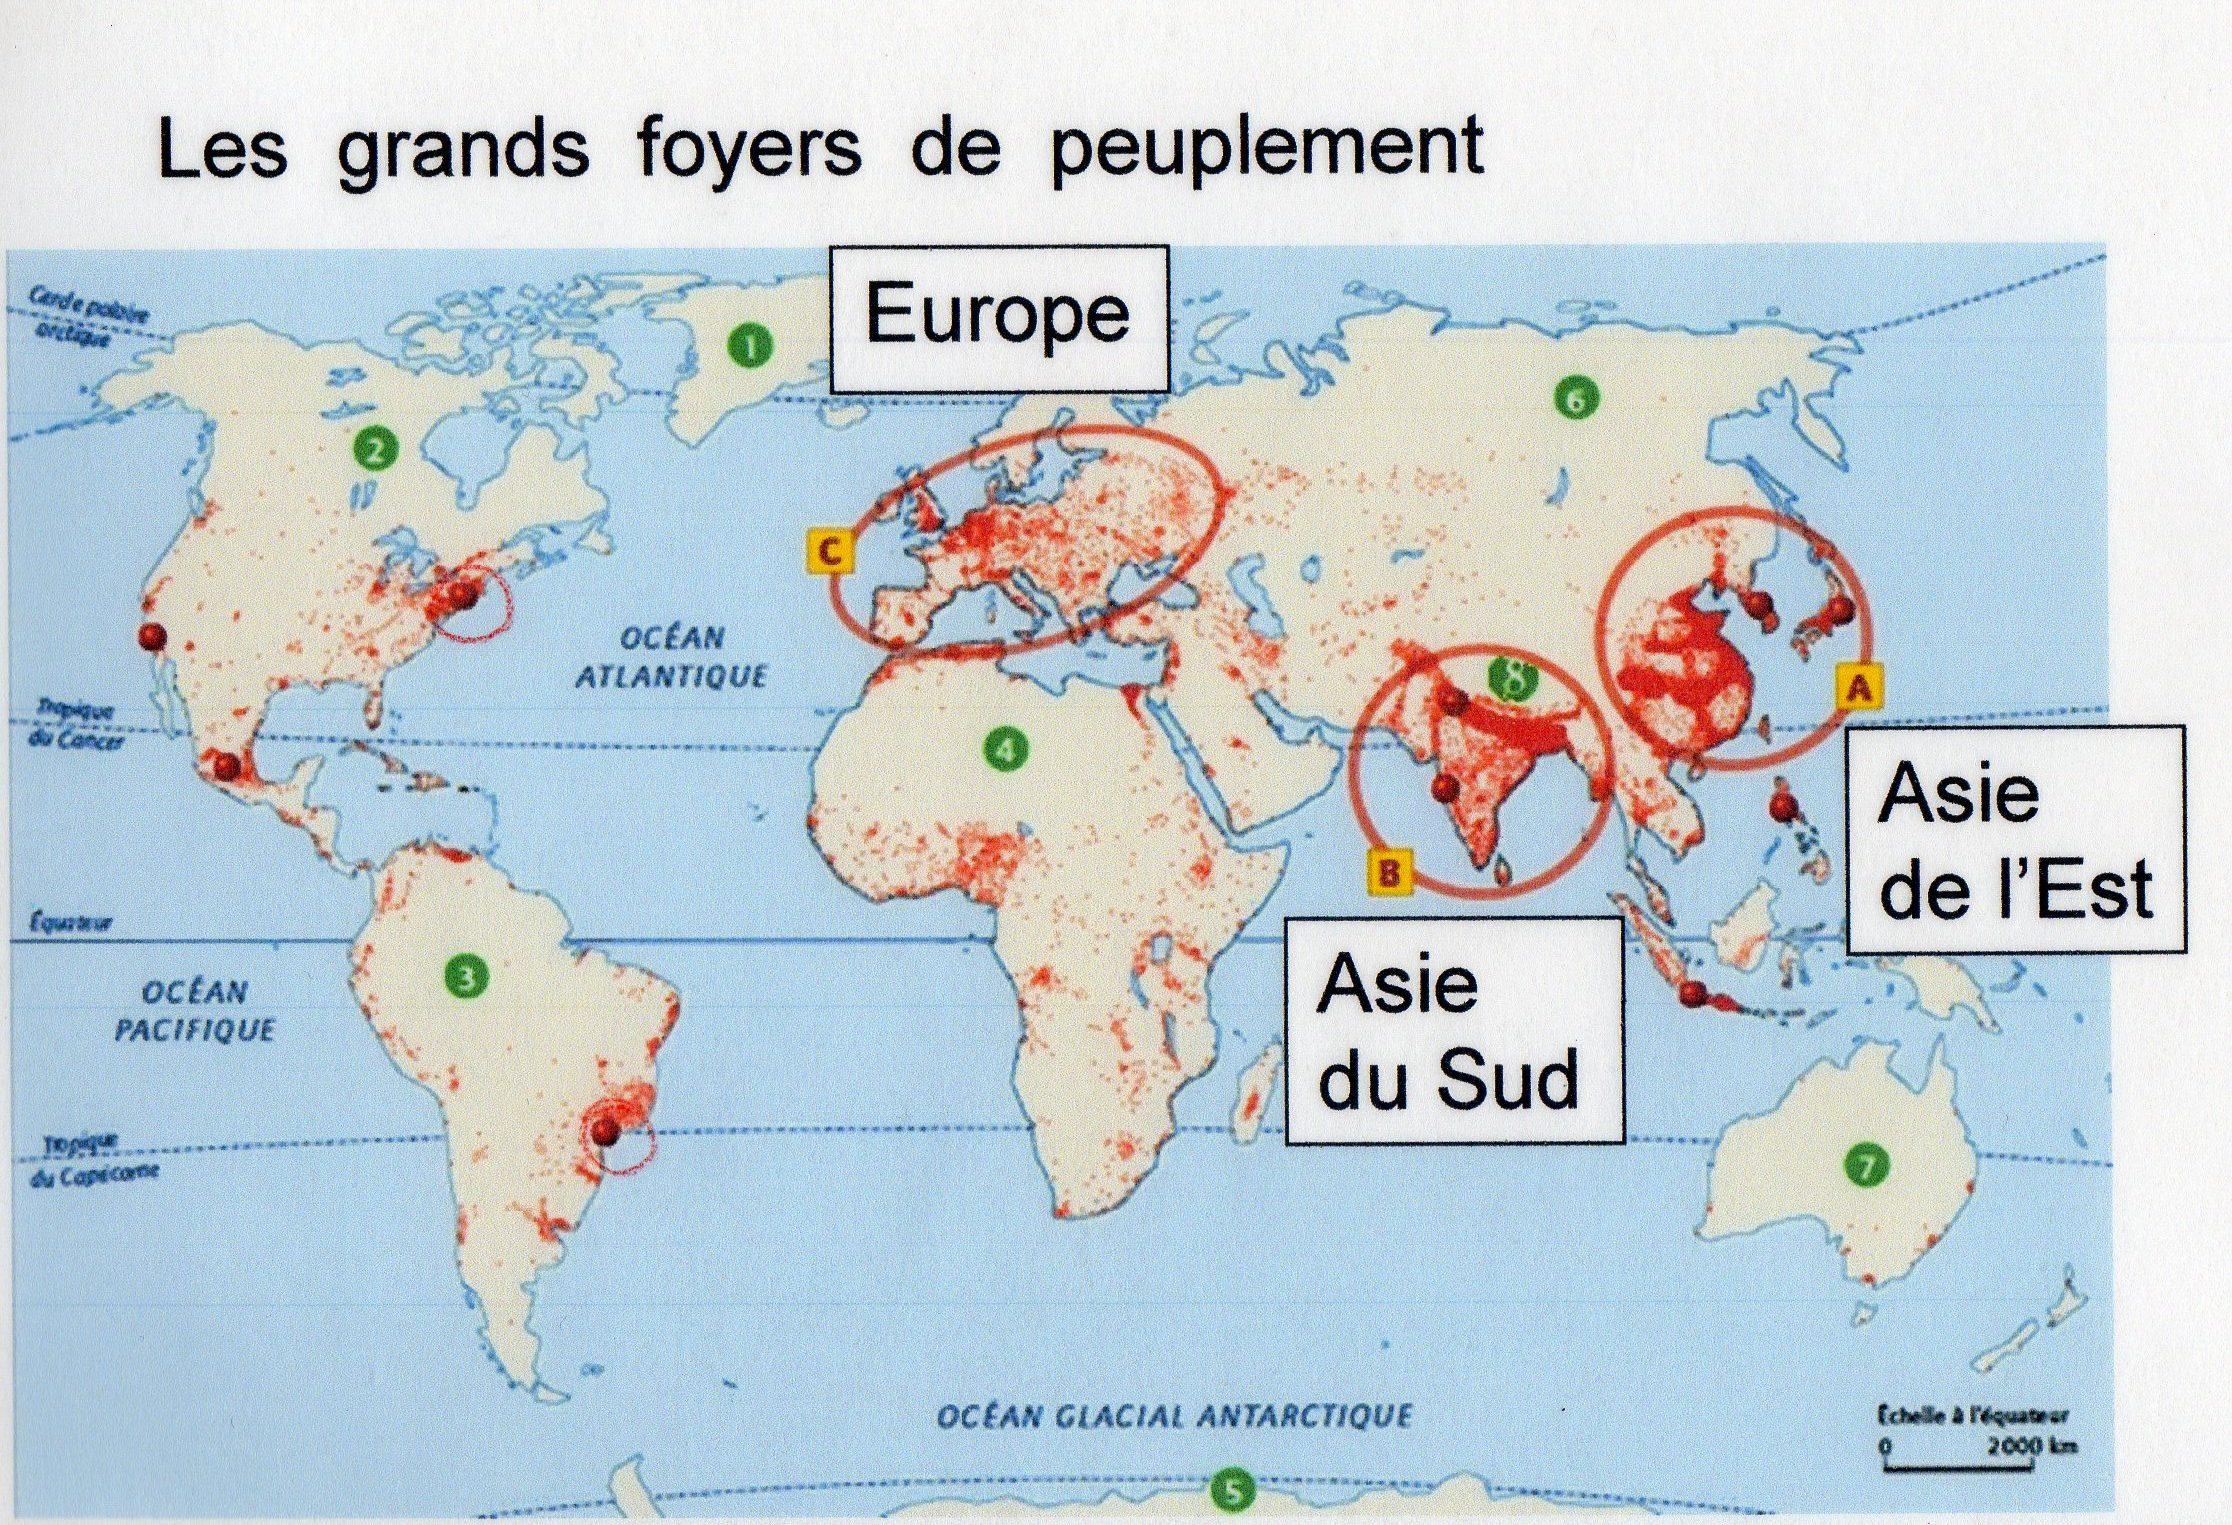 Carte Des Grand Foyer De Peuplement : Le monde habit� densit� de population foyer